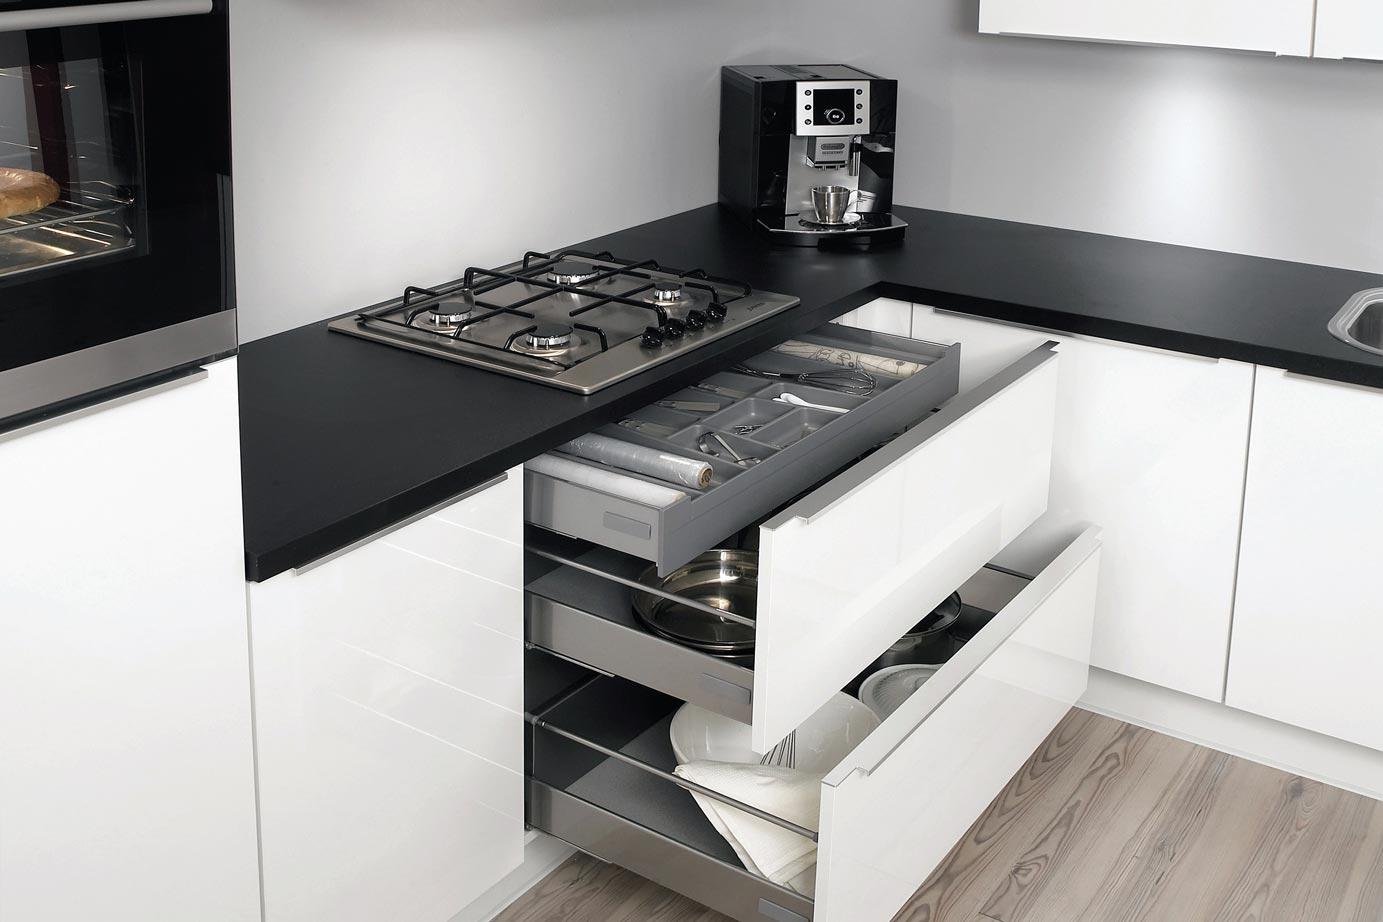 Home Center Keuken Ontwerpen : Extra opbergruimte Zelfs in kleine keuken! DB Keukens